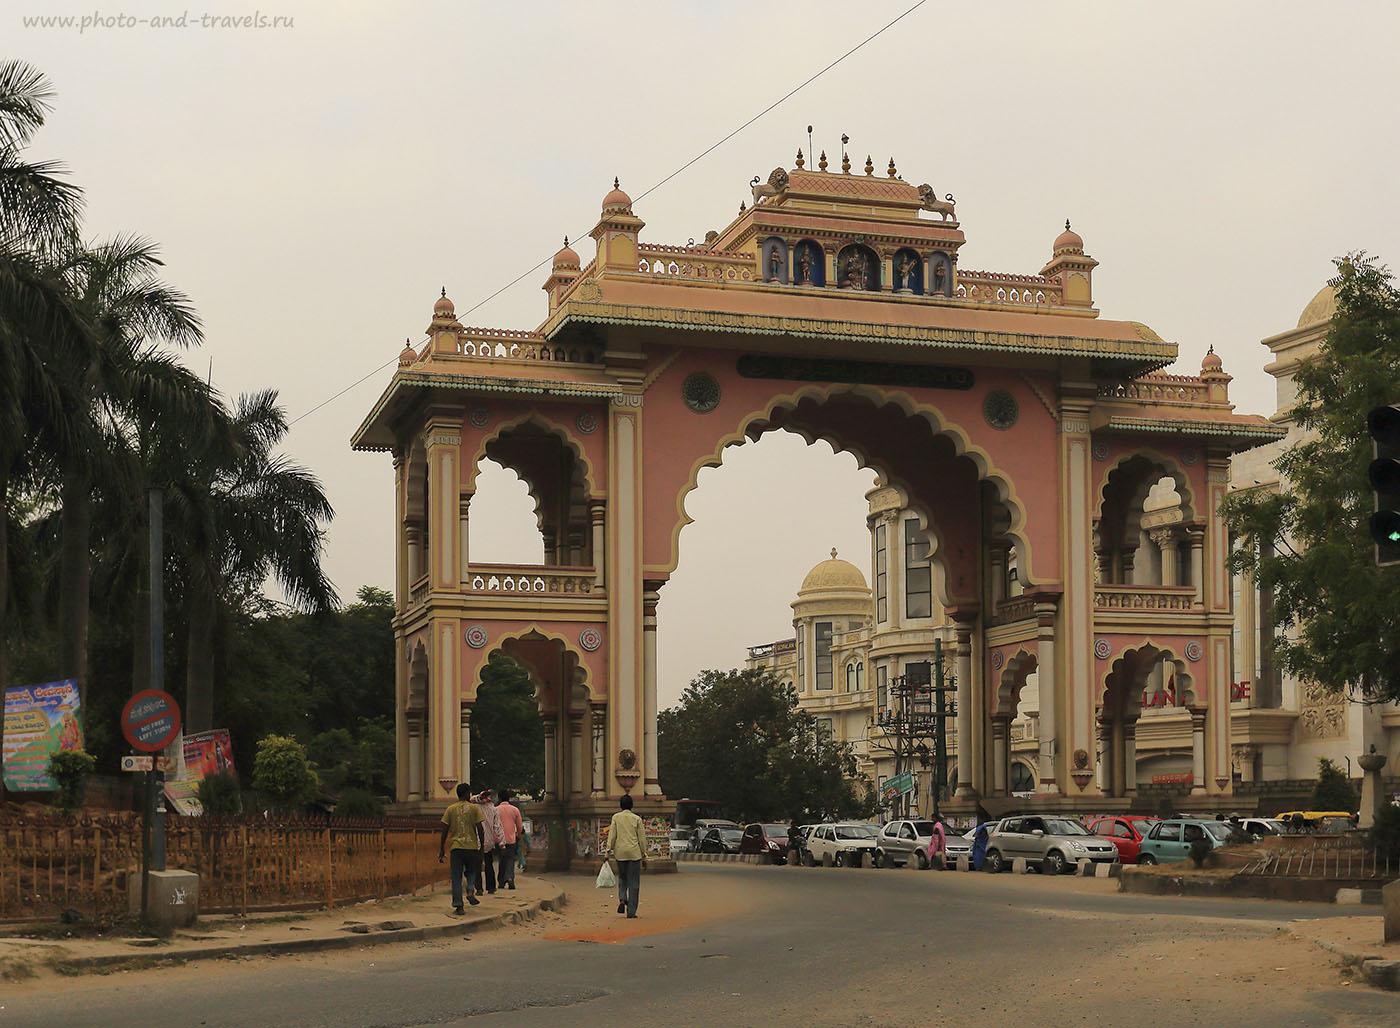 Фото 1. Отзывы туристов об экскурсиях в Индии. Арка в городе Бангалор в штате Карнатака. Камера Canon EOS 6D. Объектив CanonEF 17-40mm f/4L USM. Настройки, использованные при съемке: выдержка 1/800, экспокоррекция -1EV, f/6.3, ISO 200, фокусное расстояние 32 мм.